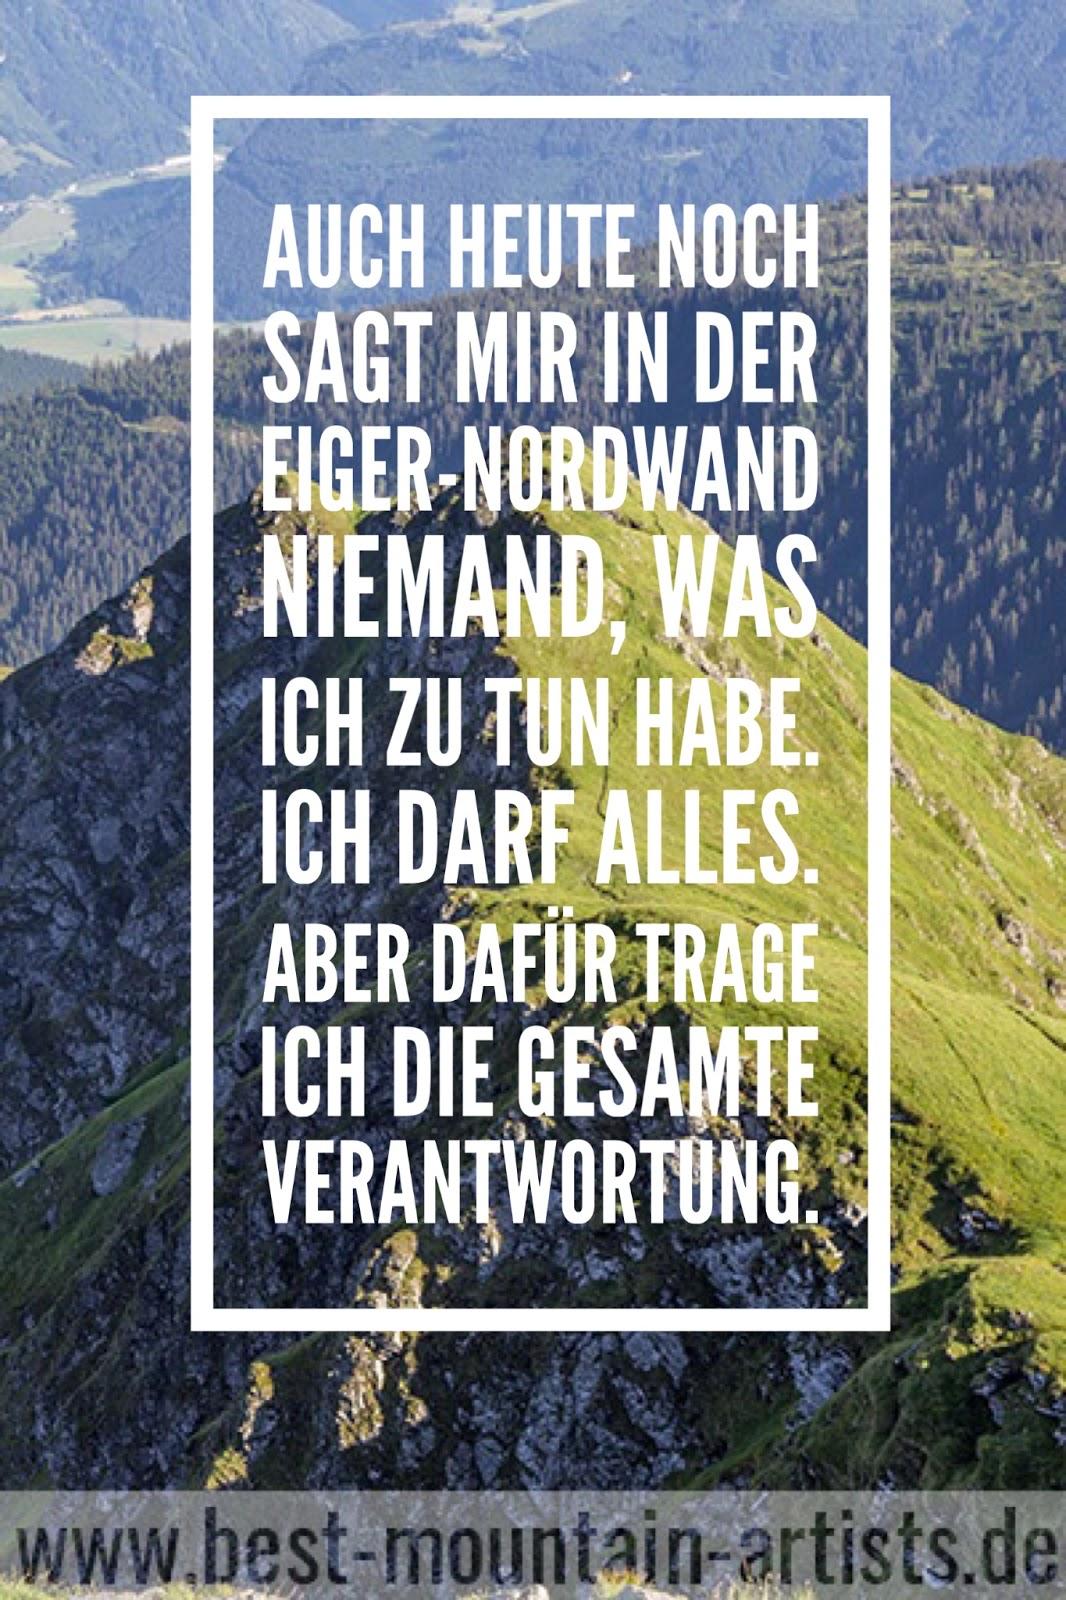 """""""Auch heute noch sagt mir in der Eiger-Nordwand niemand, was ich zu tun habe. Ich darf alles. Aber dafür trage ich die gesamte Verantwortung."""", Reinhold Messner"""